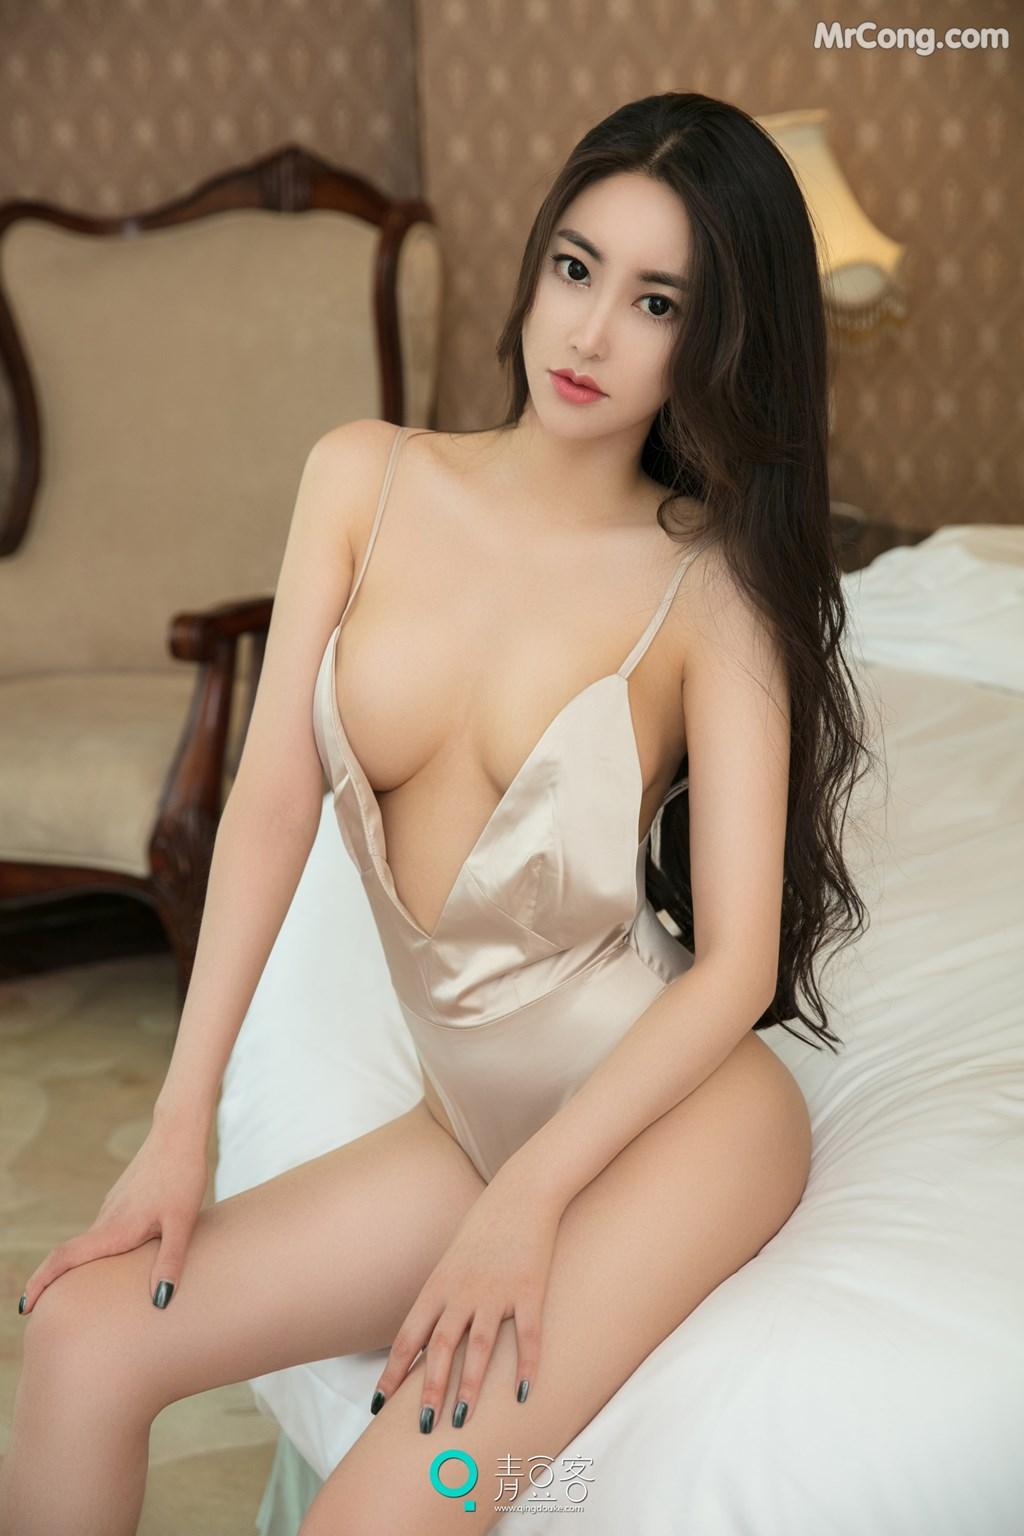 Image QingDouKe-2017-08-03-Mu-Fei-Fei-MrCong.com-030 in post QingDouKe 2017-08-03: Người mẫu Mu Fei Fei (穆菲菲) (53 ảnh)